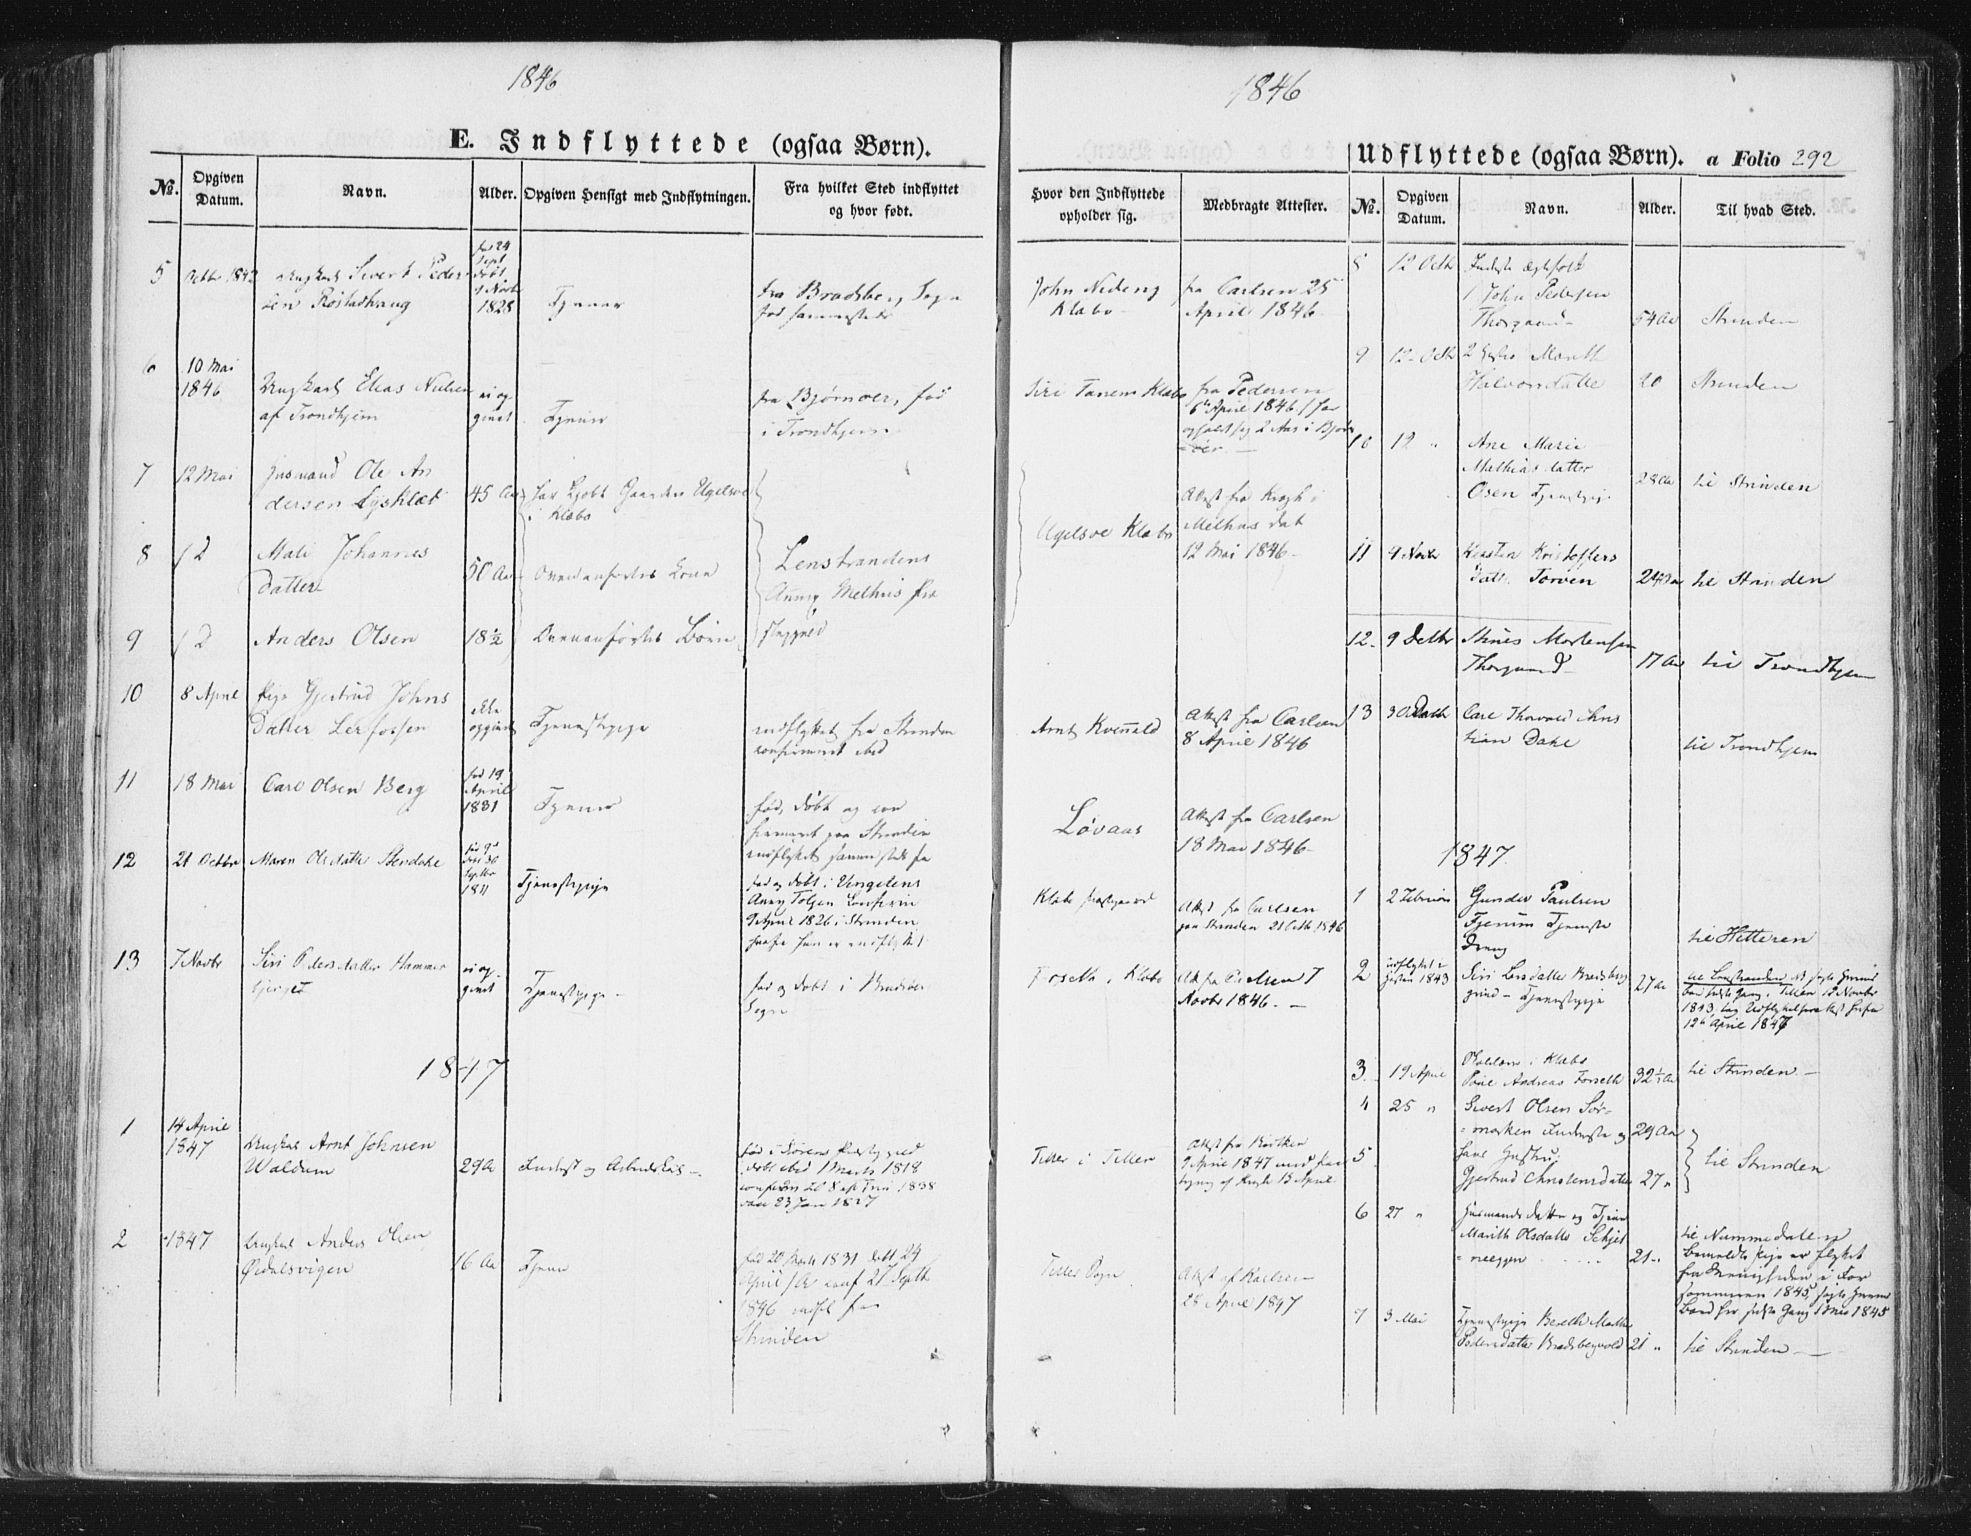 SAT, Ministerialprotokoller, klokkerbøker og fødselsregistre - Sør-Trøndelag, 618/L0441: Ministerialbok nr. 618A05, 1843-1862, s. 292